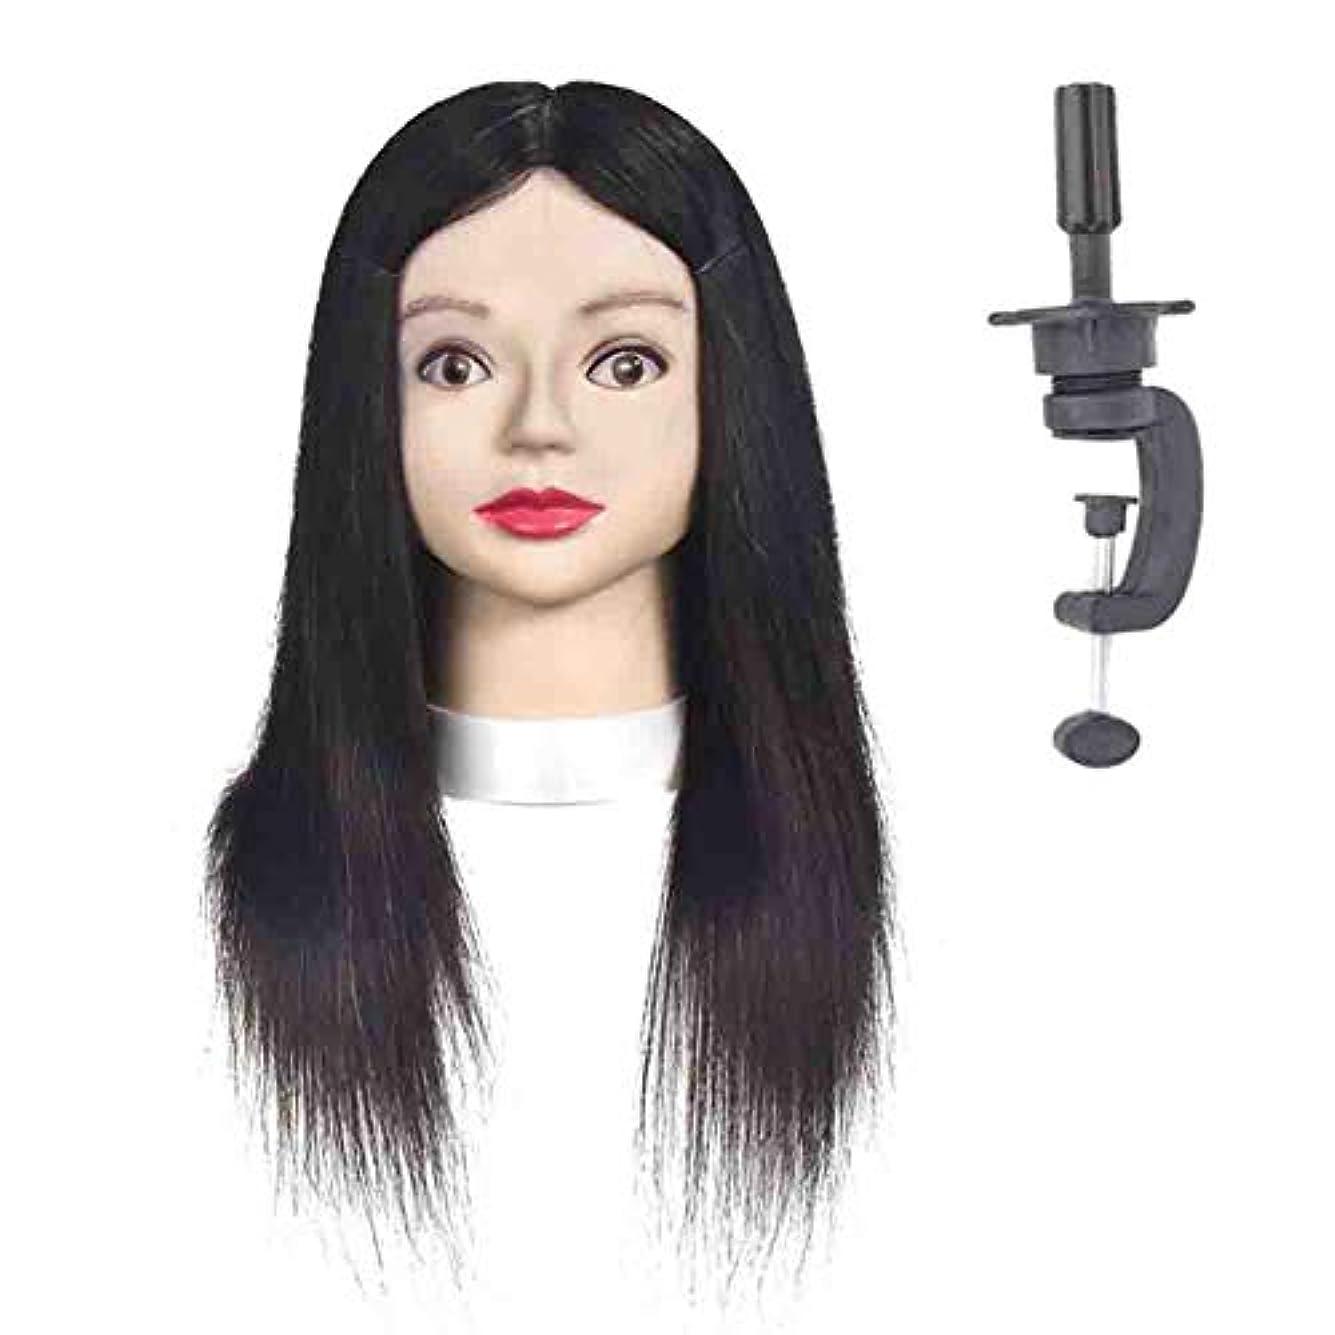 請求バドミントン恐れリアルヘアシルク編組ヘアスタイリングヘッドモデル理髪店理髪ダミーヘッドメイクアップ練習マネキンヘッド